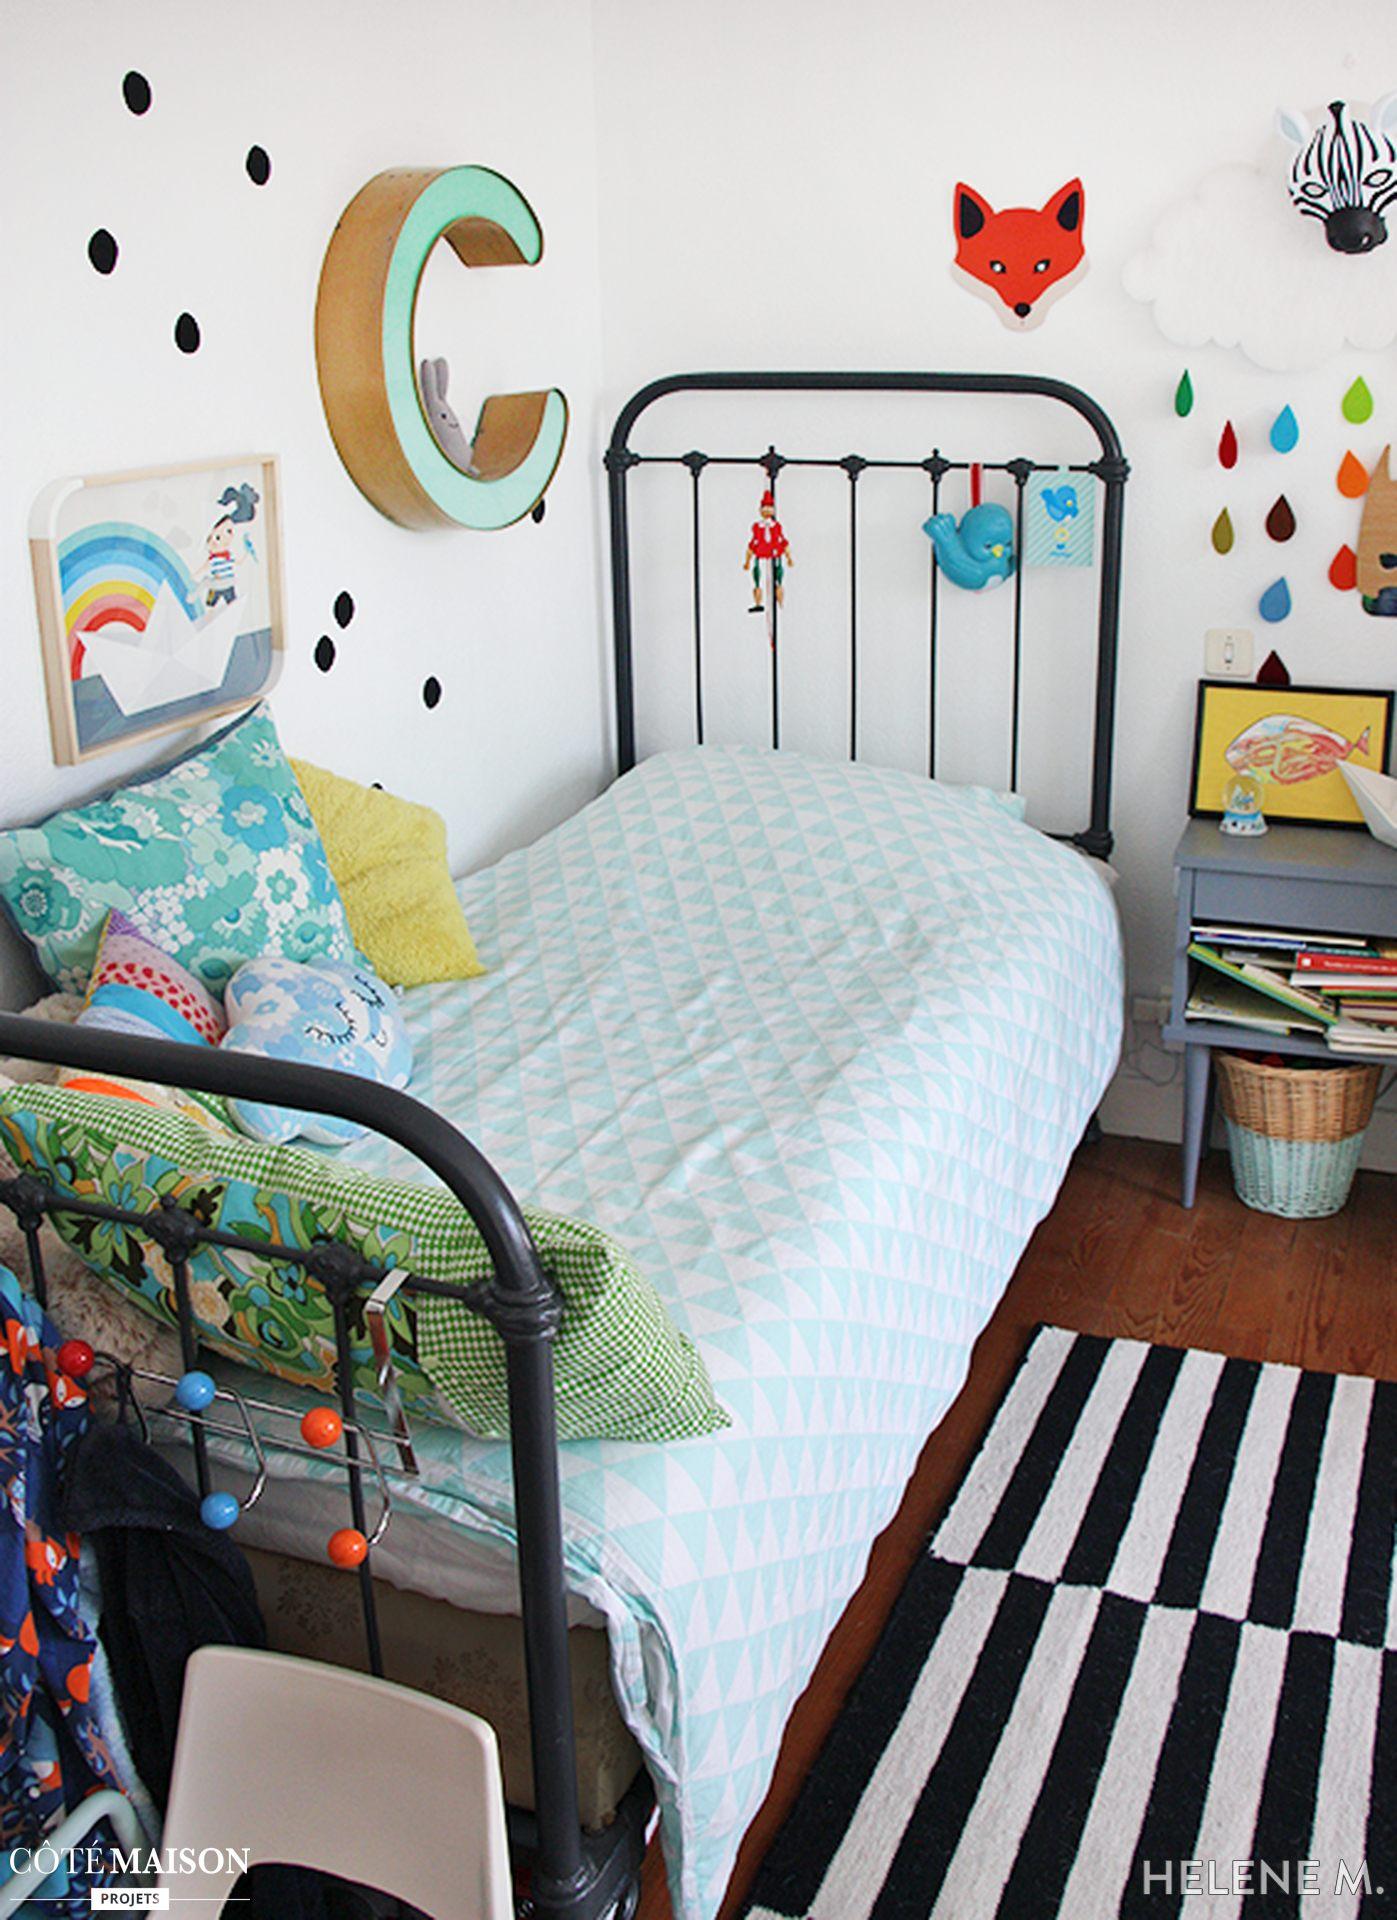 Lit Enfant Vintage Le Luxe Enchantant Chambre Enfant Coloree Avec Chambre D Enfant Vintage Et